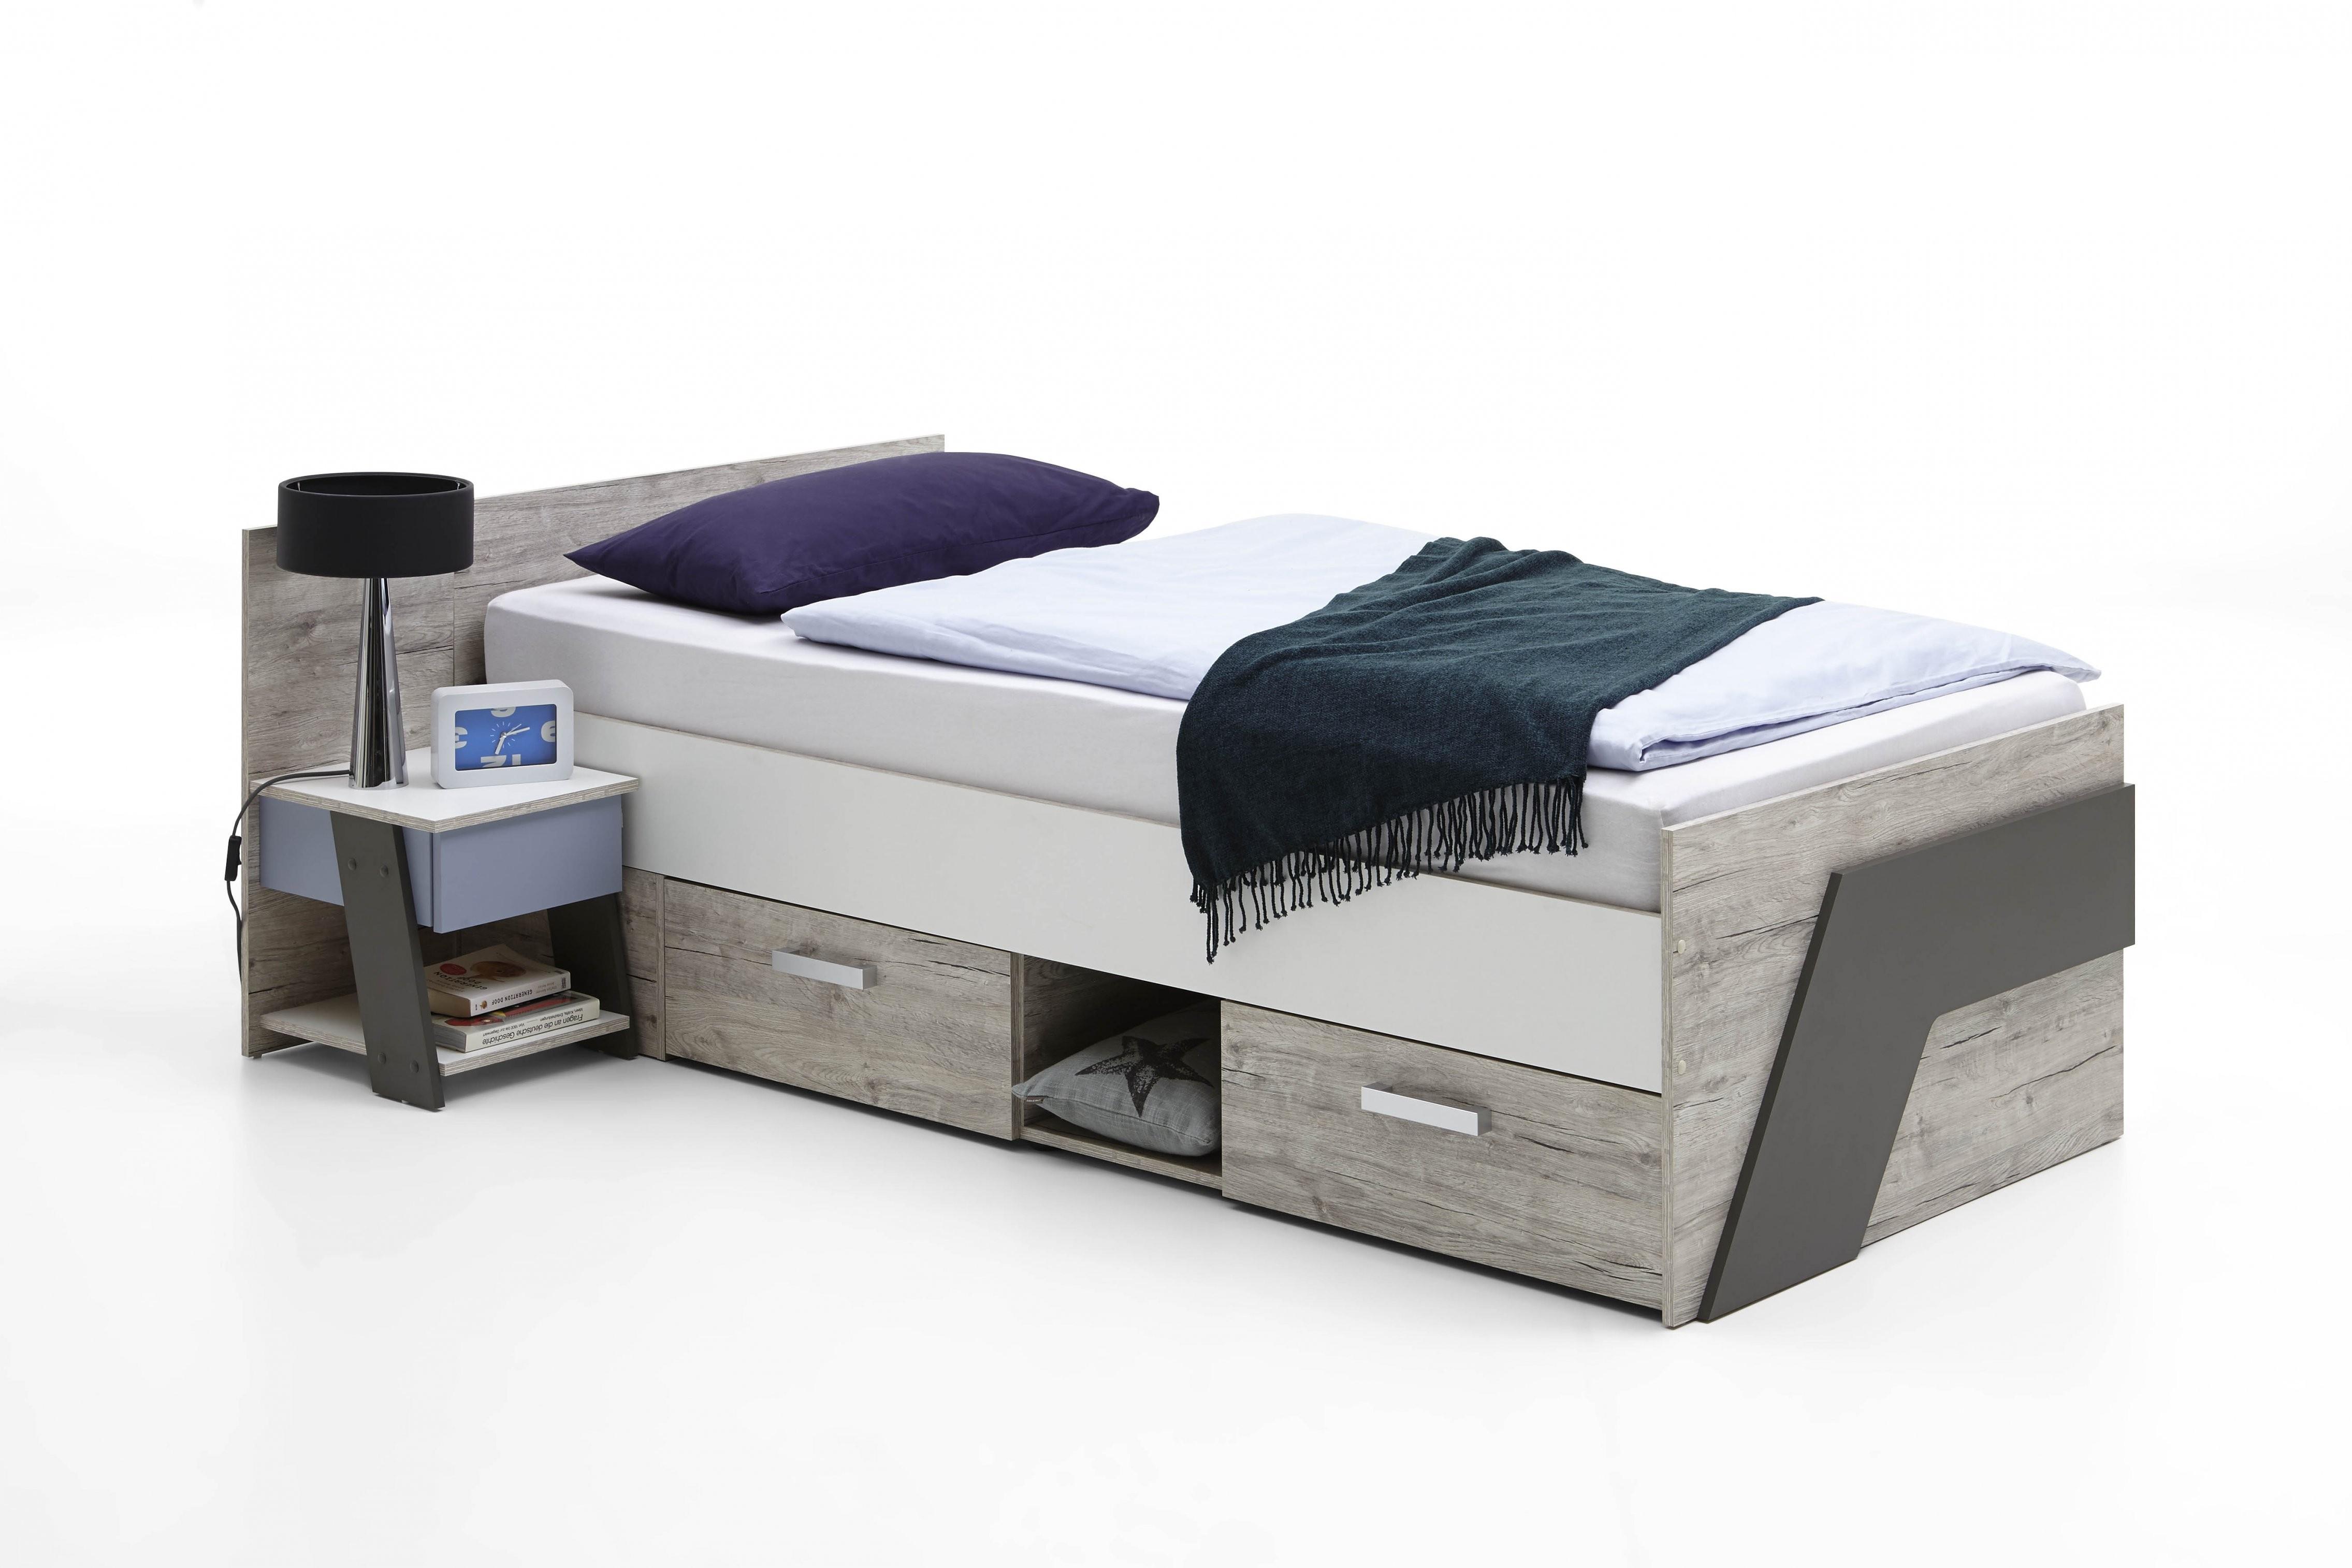 Nona 1 90X200 Bett Inkl 2 Schubladen Von Fmd Sandeiche  Weiß  Lava von Bett Mit Schubladen 90X200 Weiß Bild